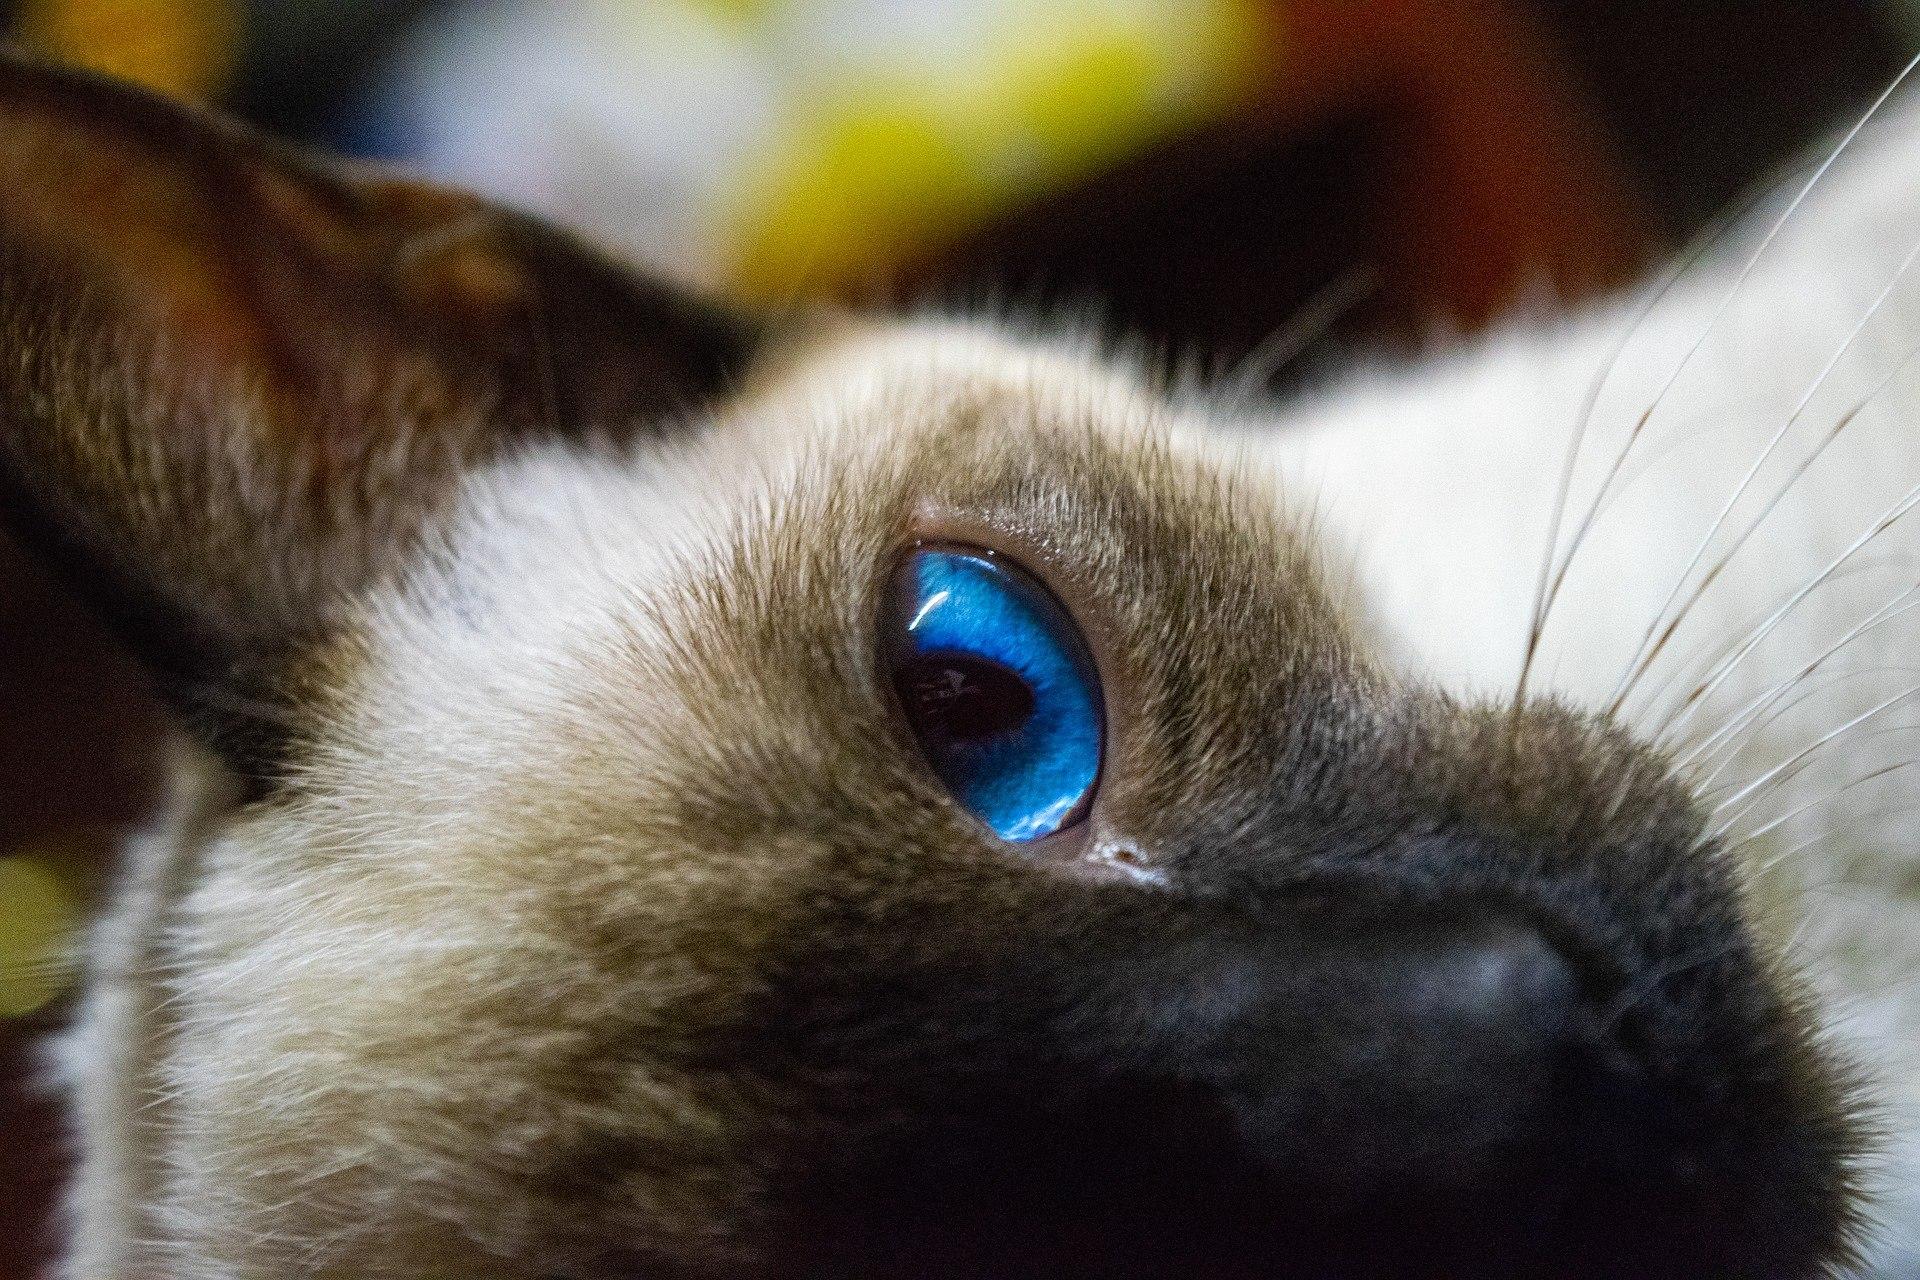 kot dla alergików, kot balijski, kotamy